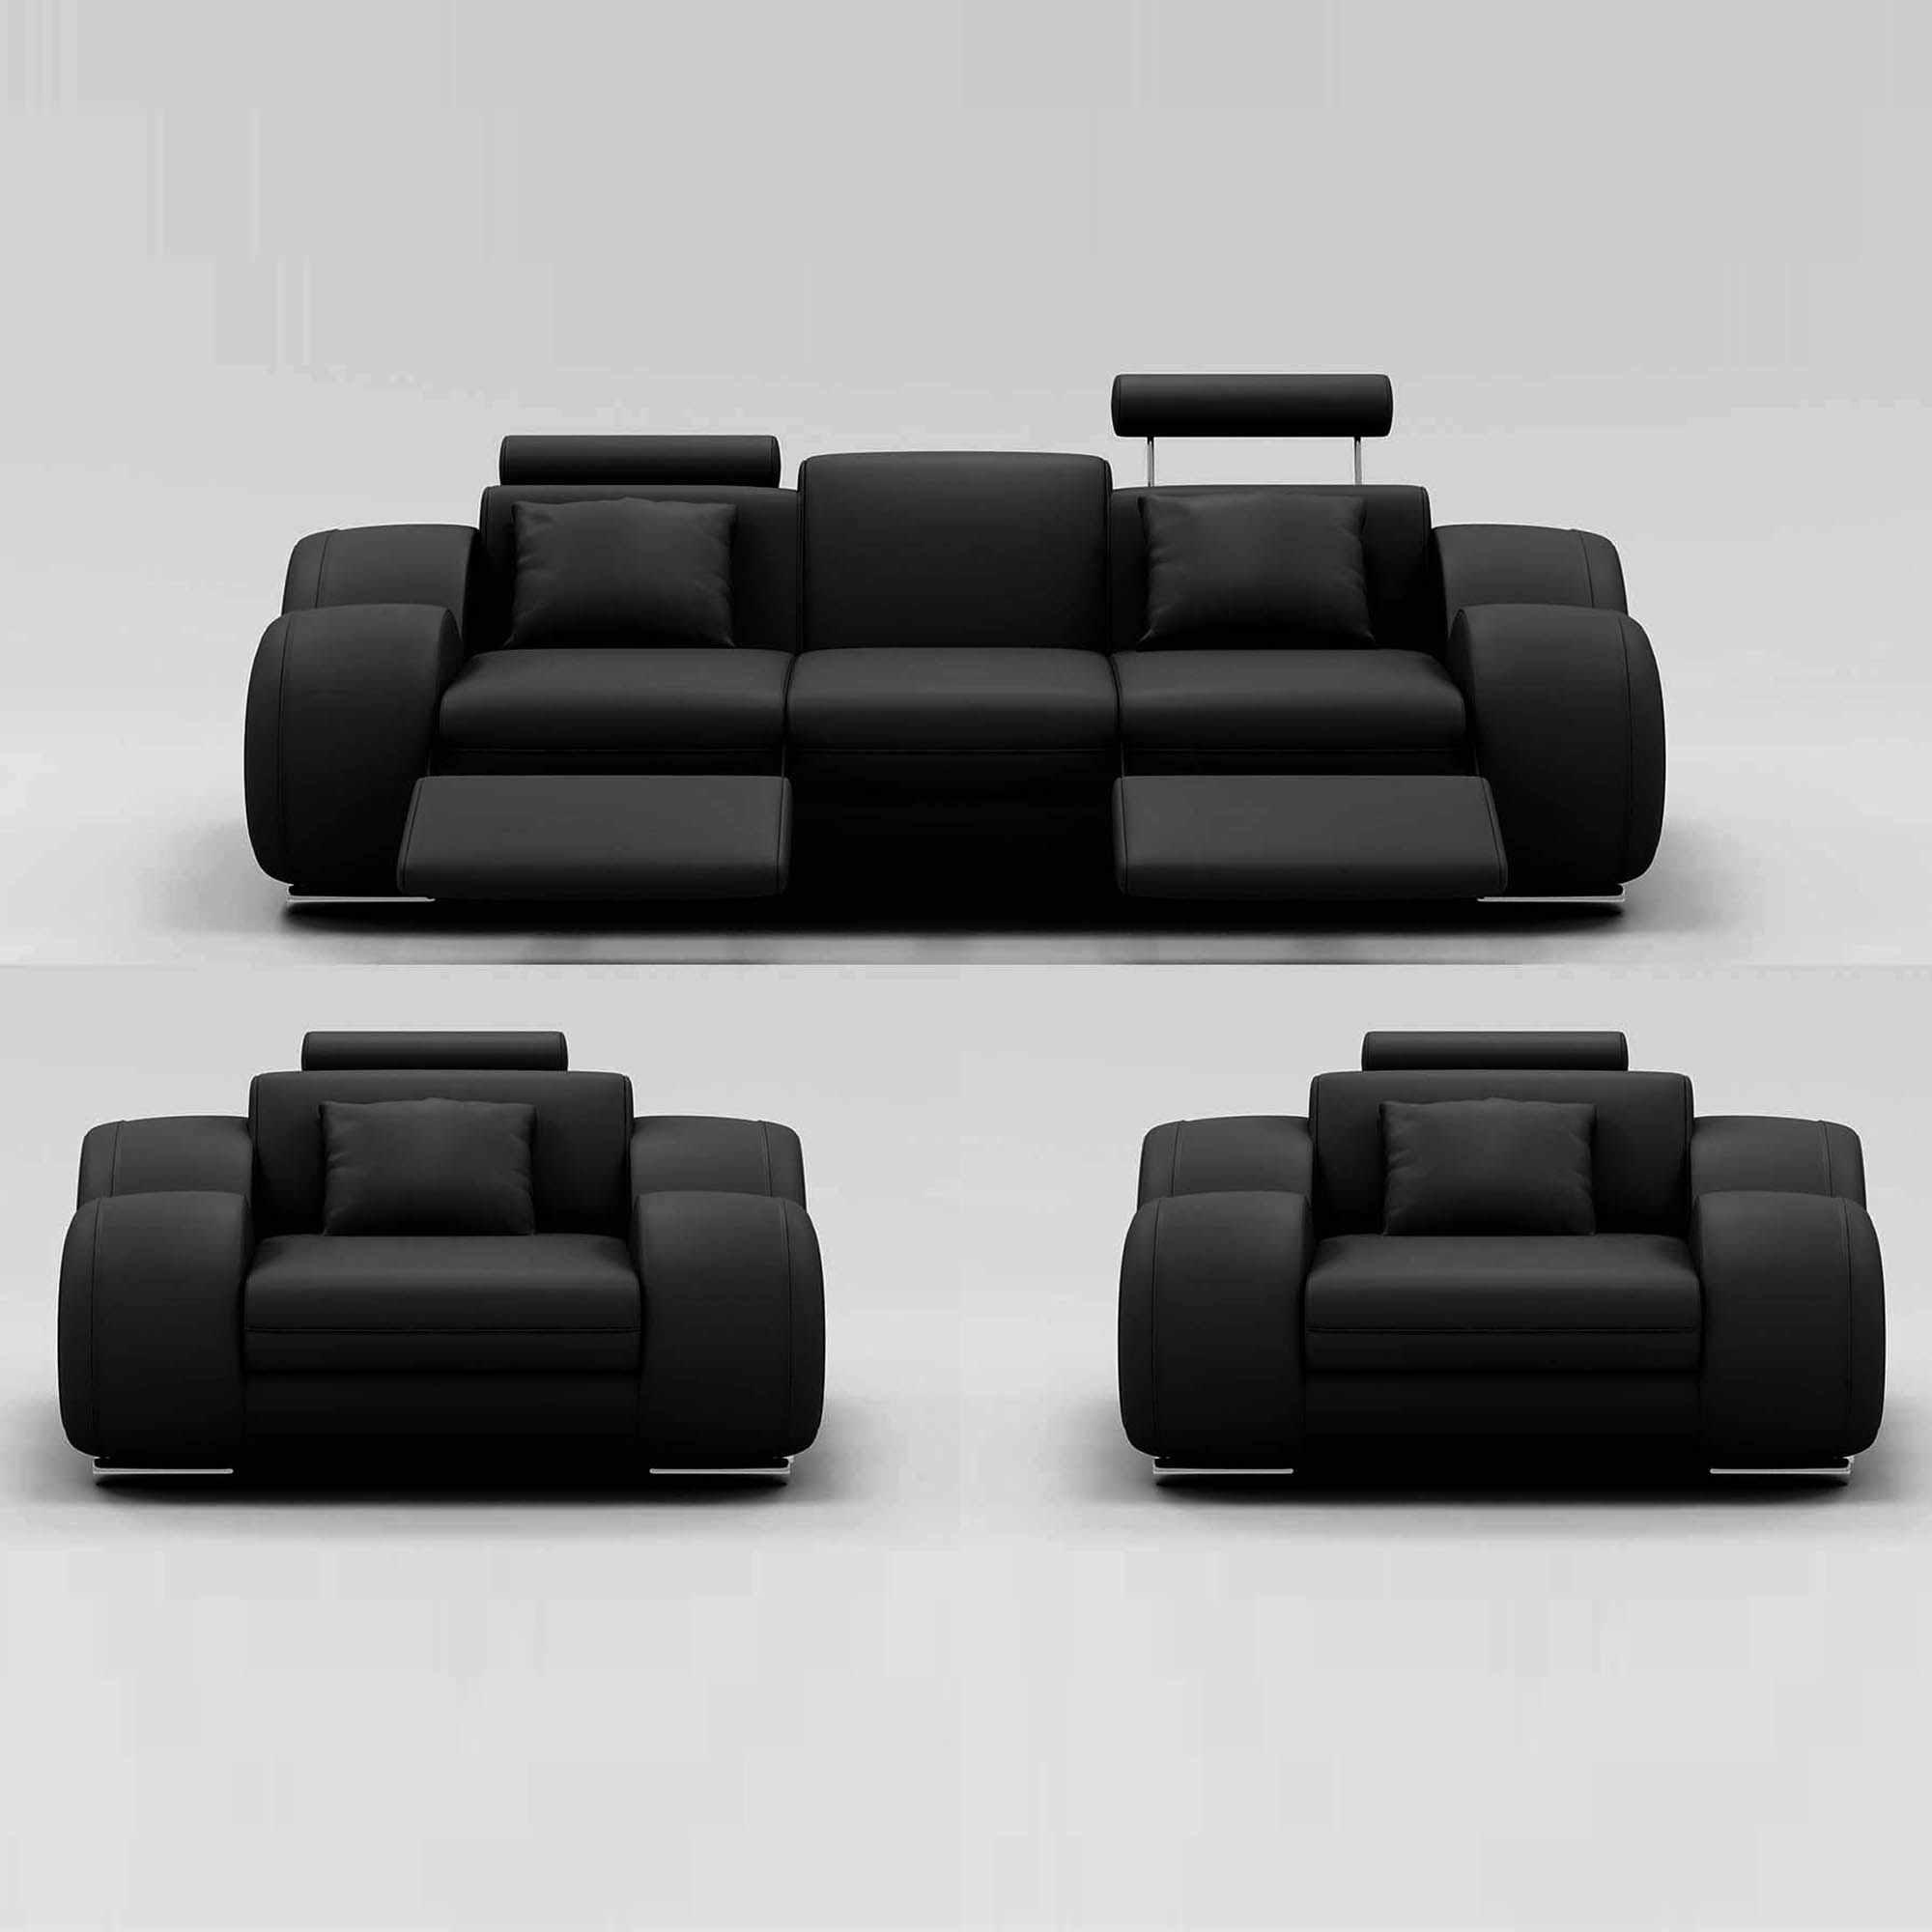 Ensemble Canapé Relax 3+1+1 Places Noir Design Oslo avec Canape Relax Design